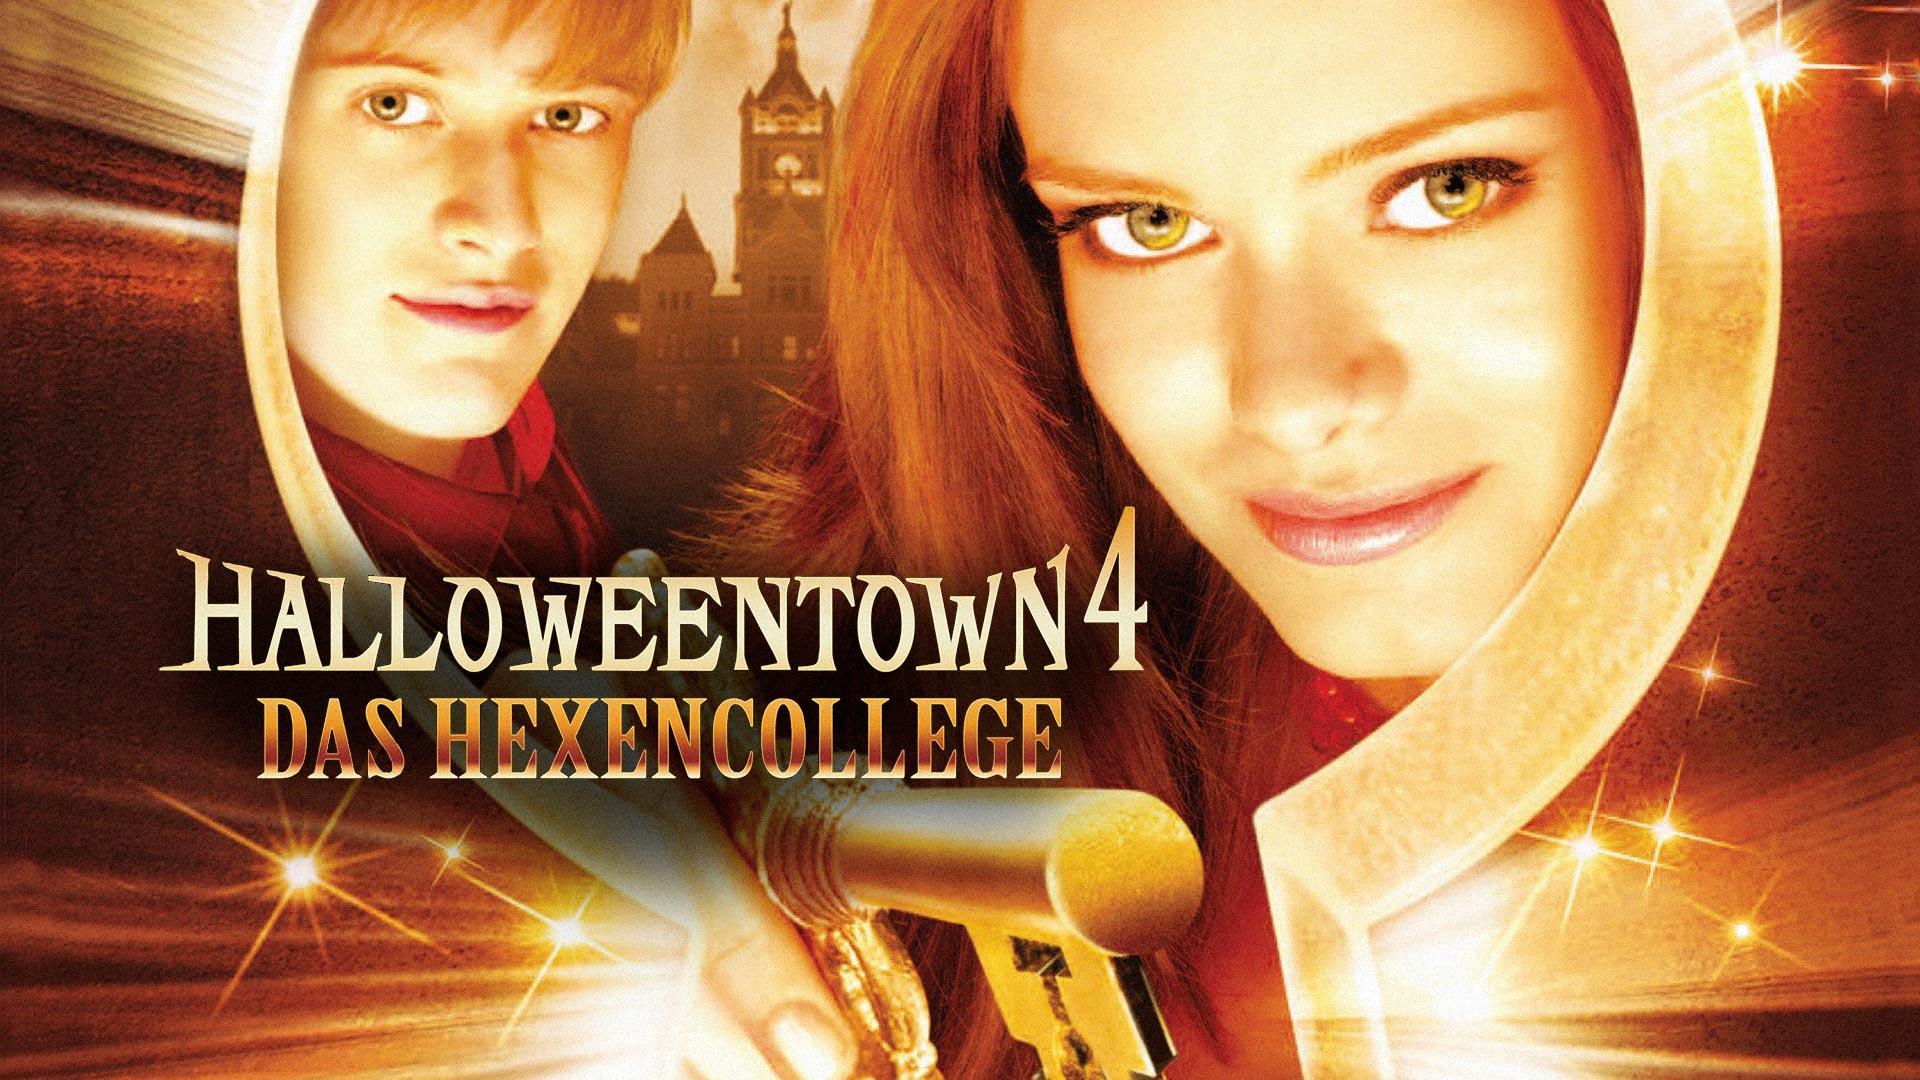 Halloweentown 4 – Das Hexencollege